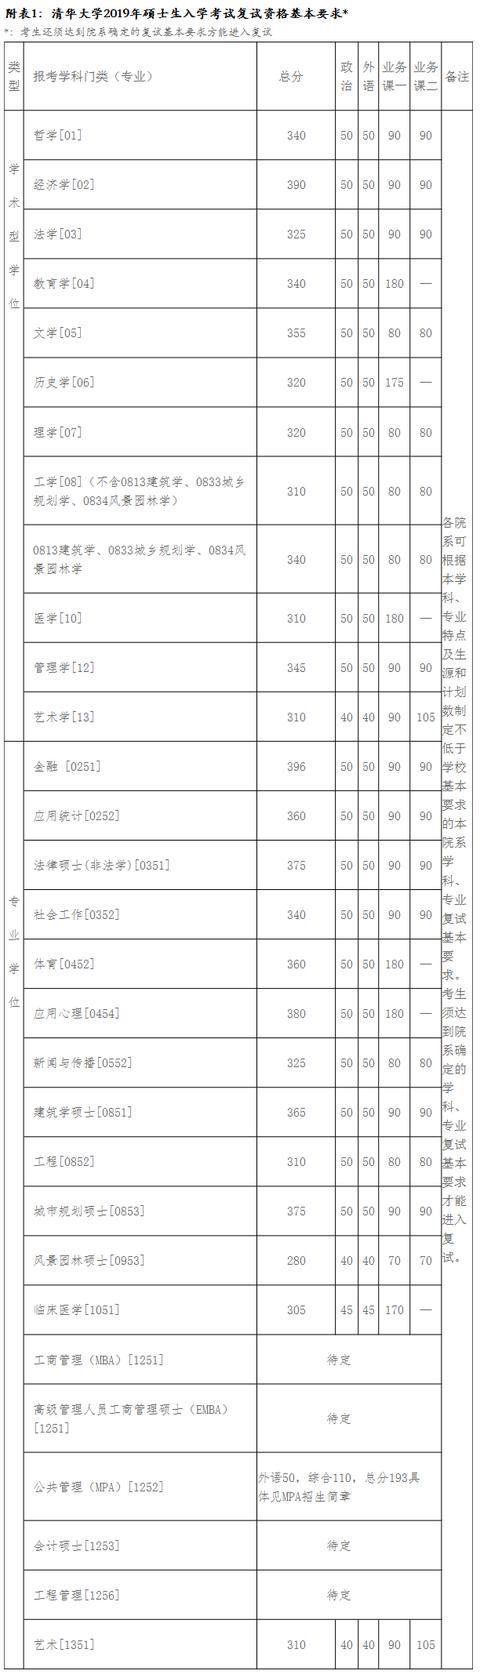 清华大学2019年考研复试分数线已公布!快来看分数线涨了吗?